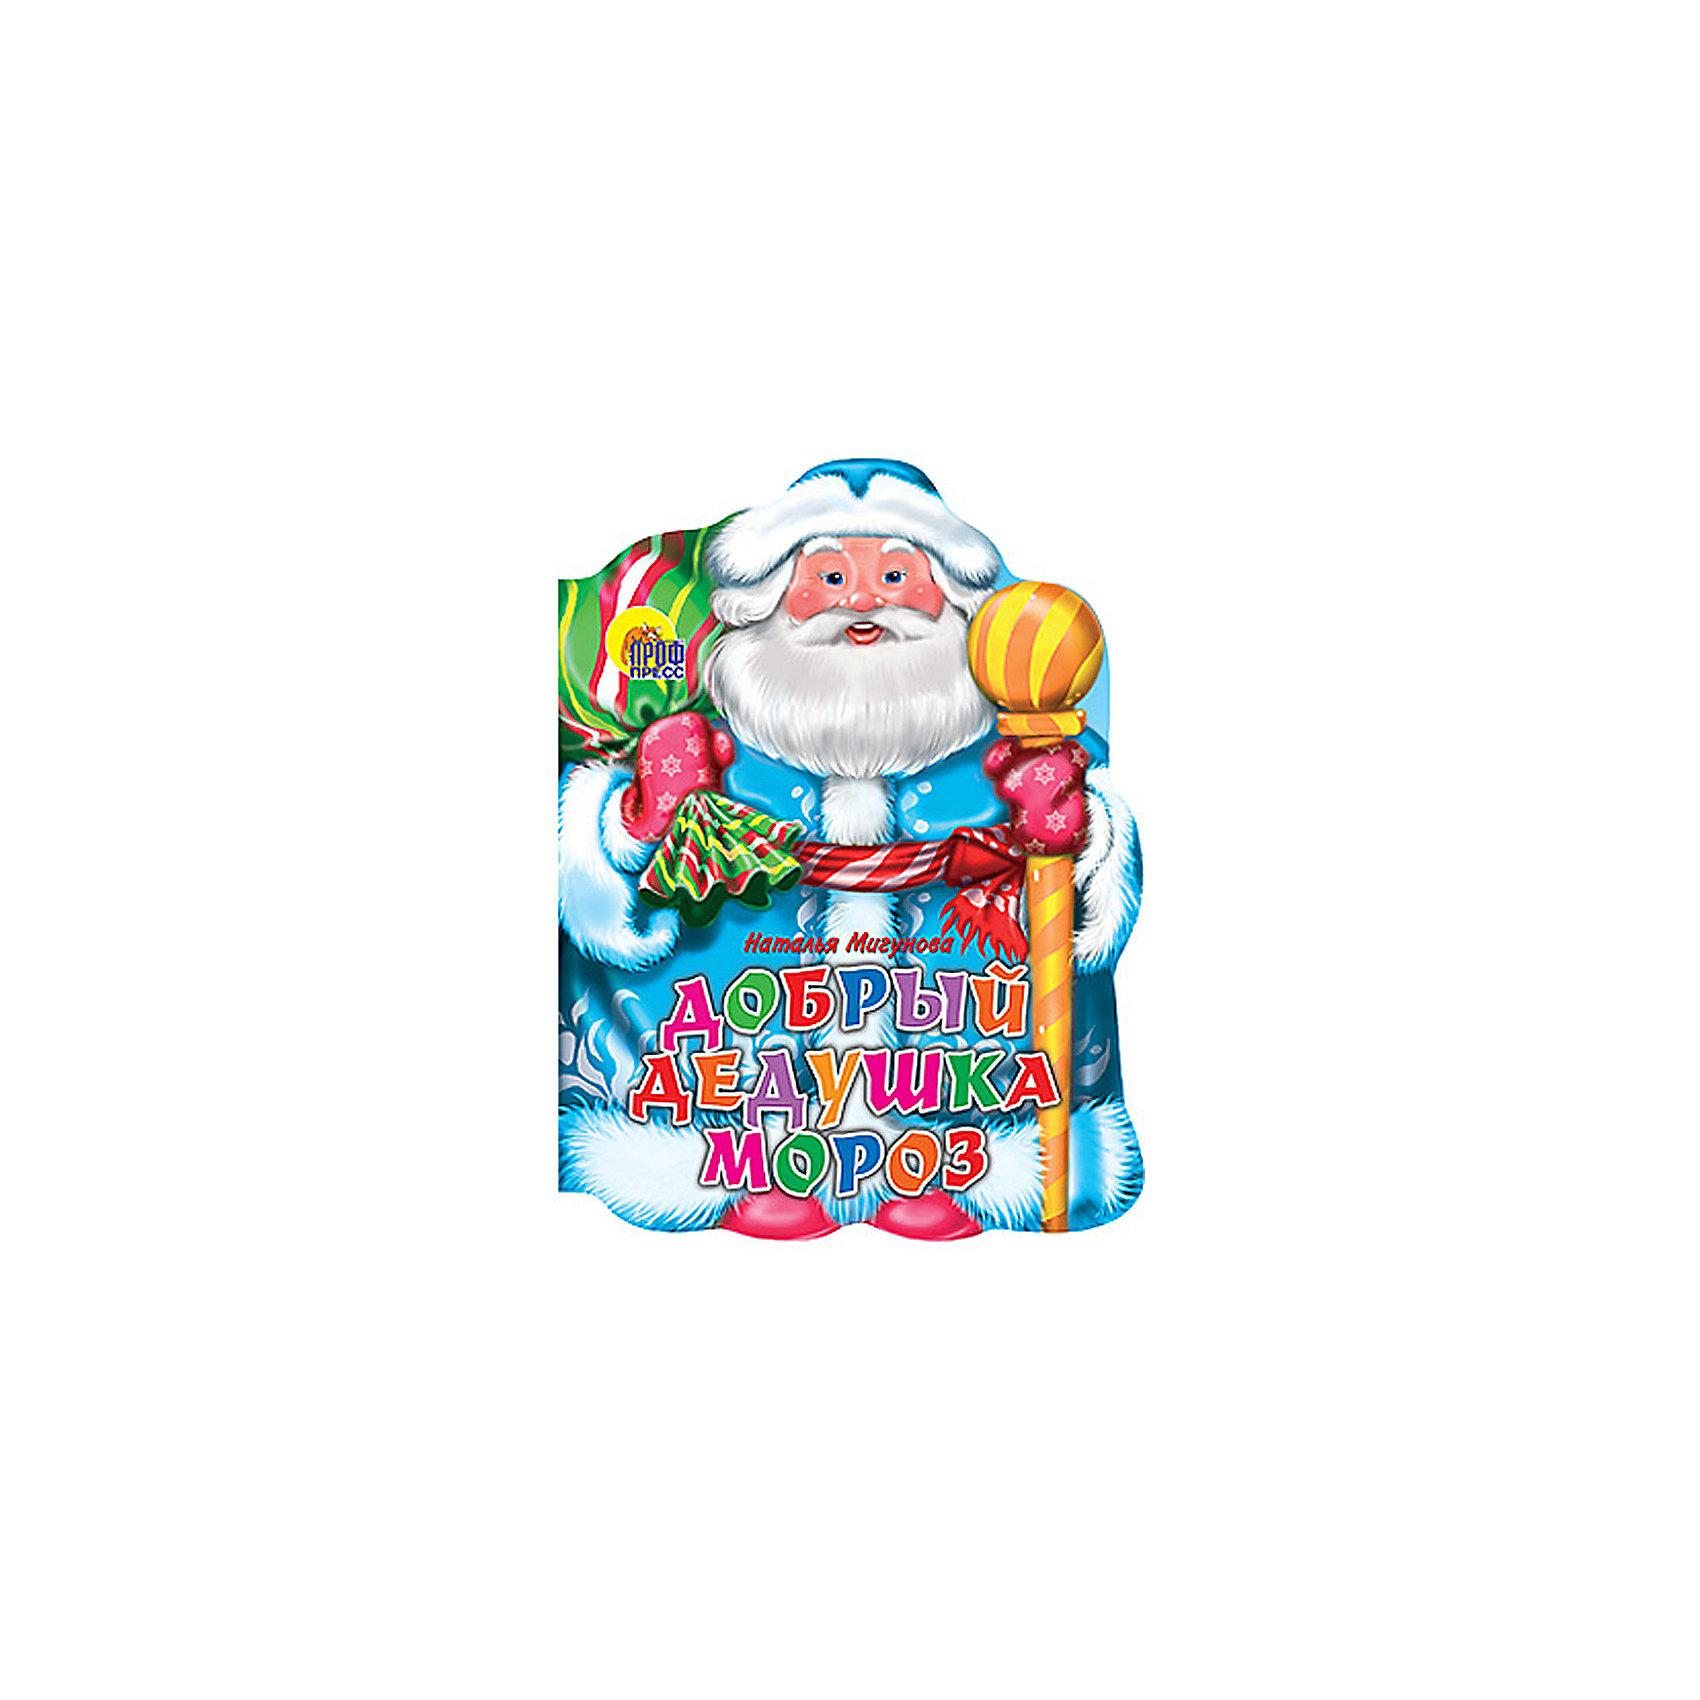 Проф-Пресс Вырубка. Добрый Дедушка МорозНовогодние книги<br>Детская Новогодняя нижка с фигурной вырубкой. Хорошо подходит как для чтения детям, так и для подарка. Художник-иллюстратор: Есаулов И. Для чтения родителями детям. Материал: бумага плотный картон, обложка плотный картон. Книга содержит 12 стр.<br><br>Ширина мм: 155<br>Глубина мм: 5<br>Высота мм: 210<br>Вес г: 119<br>Возраст от месяцев: 12<br>Возраст до месяцев: 60<br>Пол: Унисекс<br>Возраст: Детский<br>SKU: 2559773